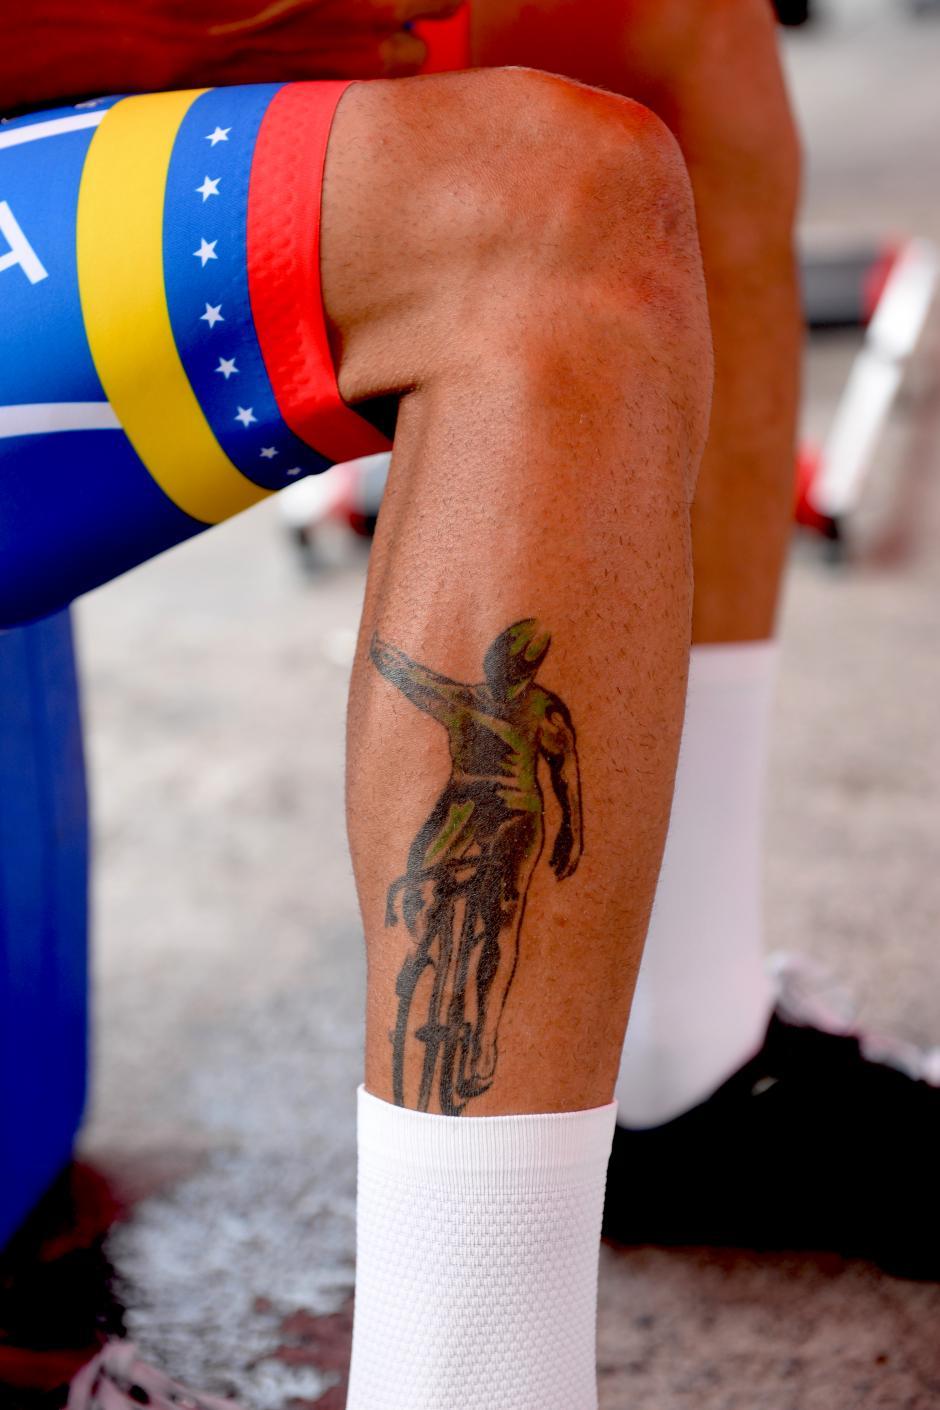 Hasta en la piel, este pedalista venezolano se tatuó su propia silueta en la pierna.(Foto: Diego Galiano/Nuestro Diario)